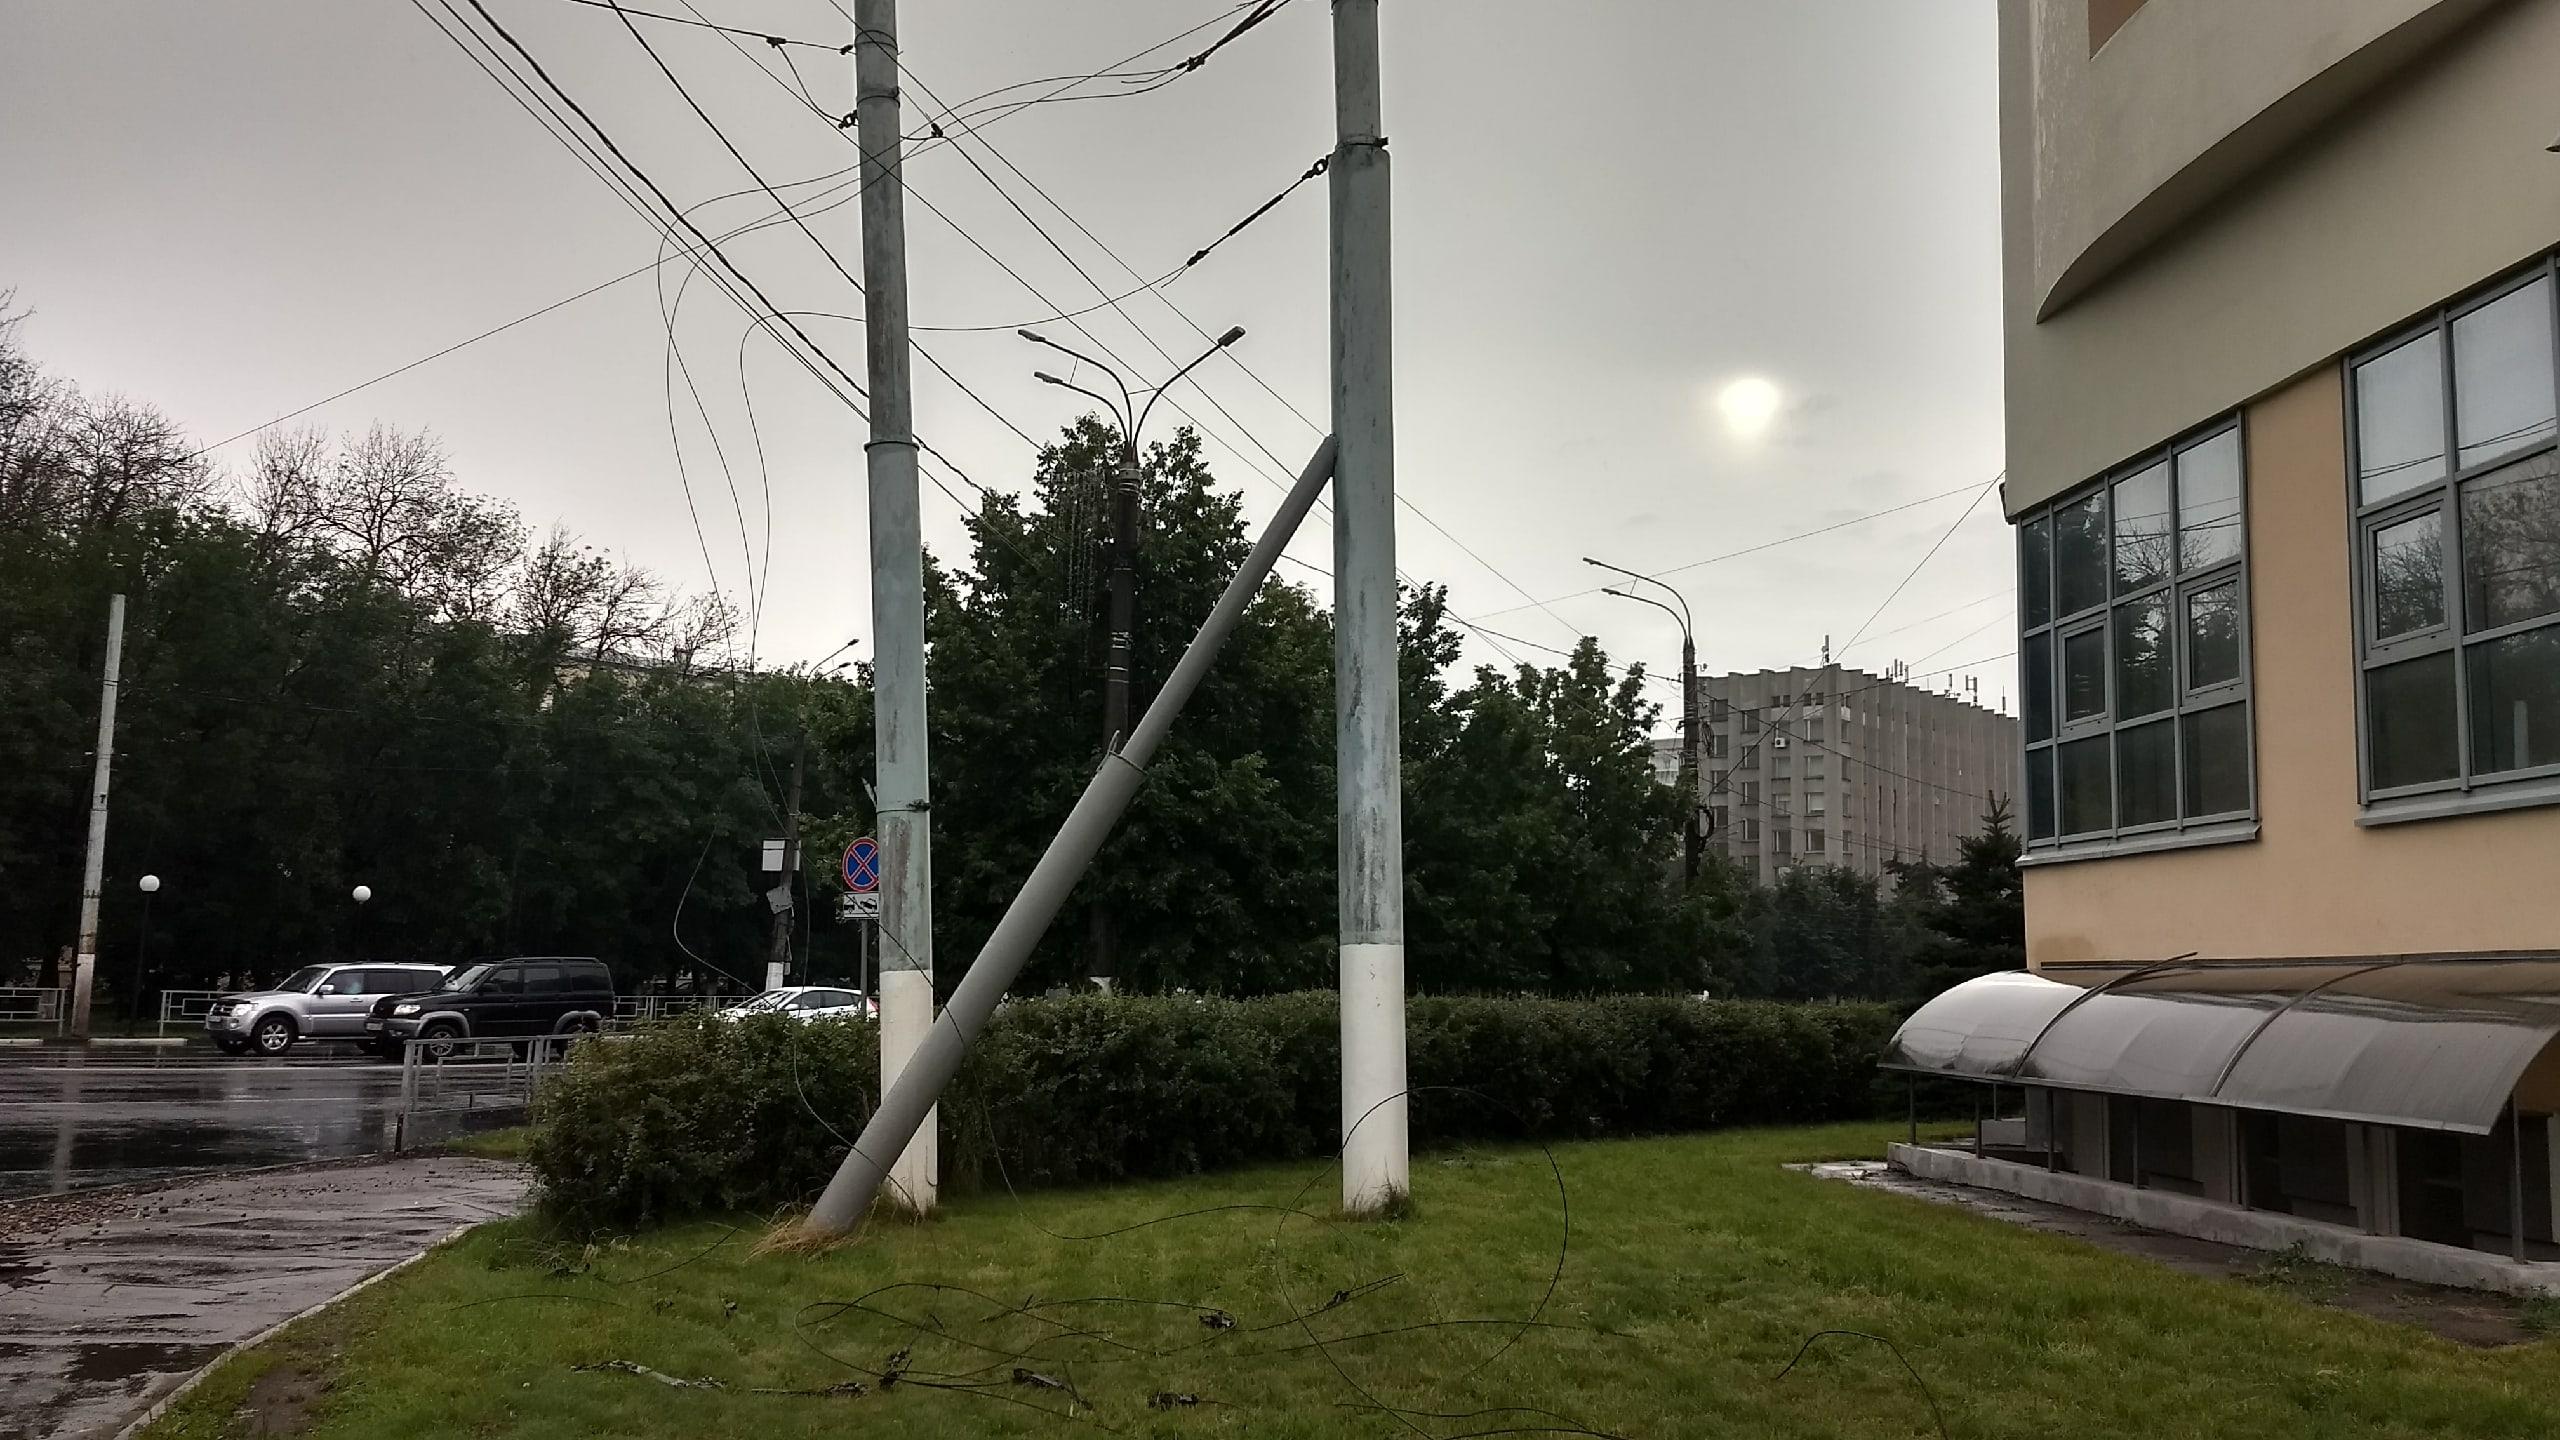 Жители Тверской области делятся в социальных сетях видеозаписями стихии и ее последствий